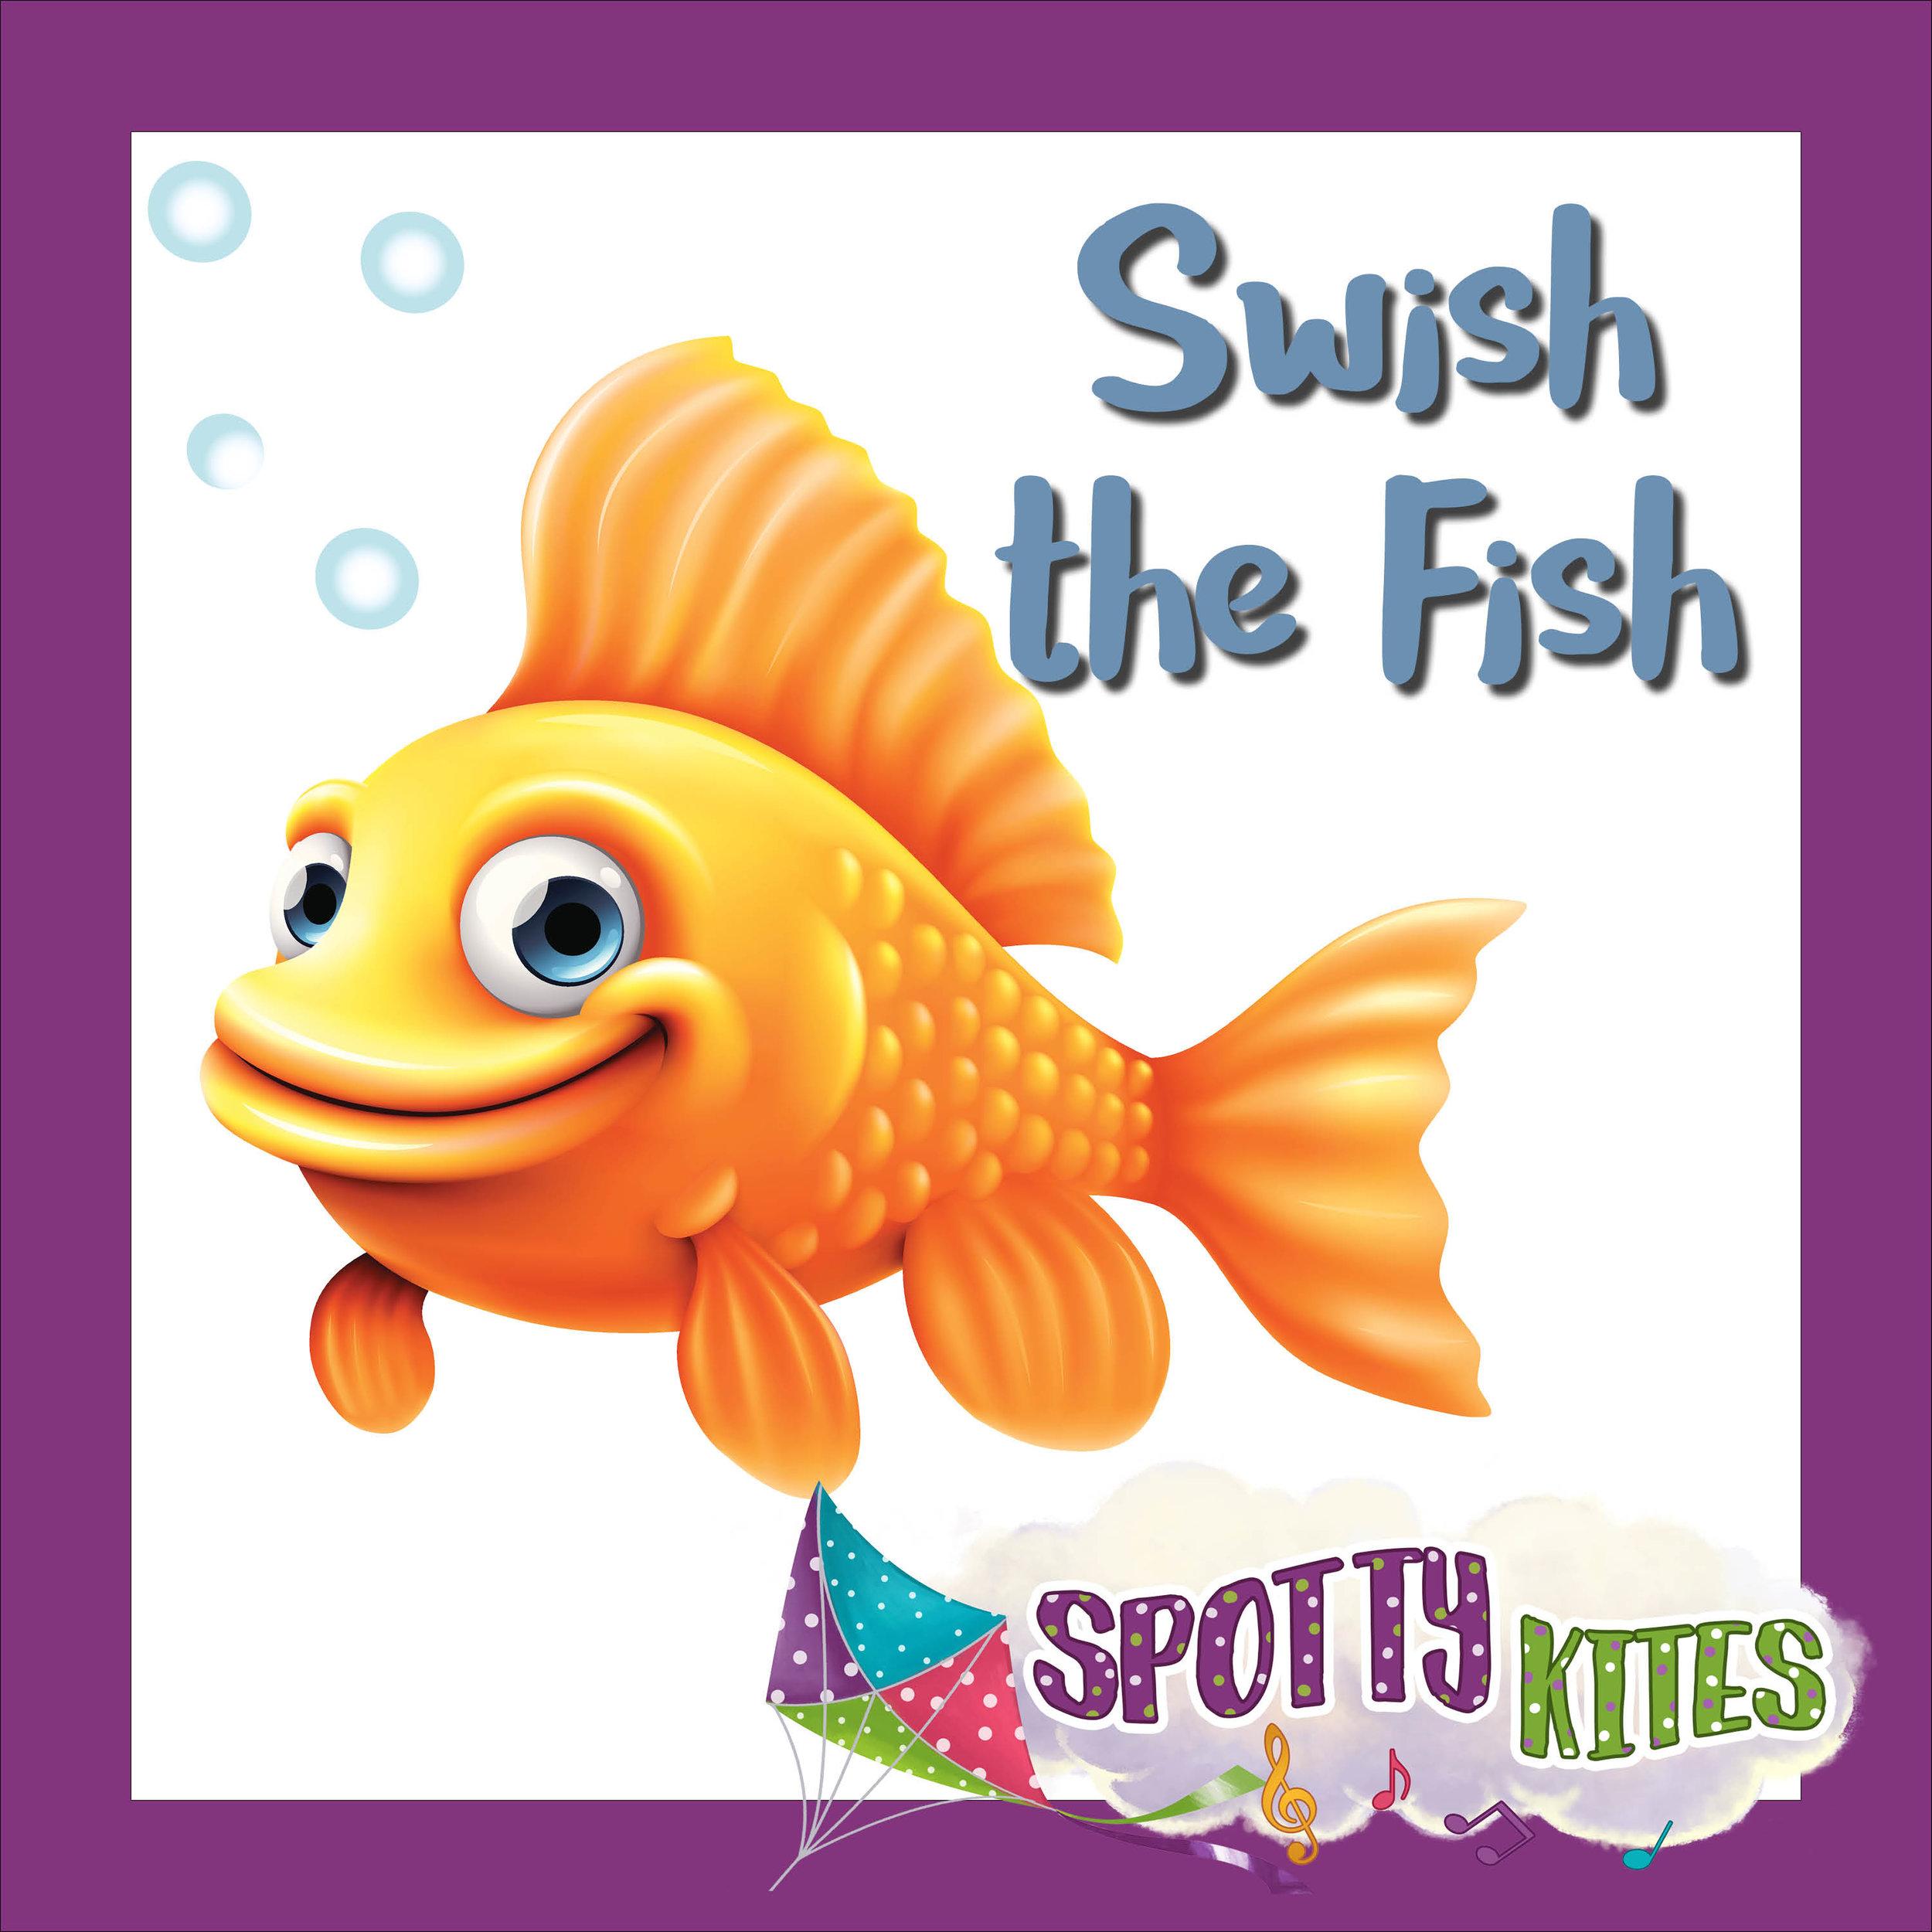 Spotty Kites Swish.jpg